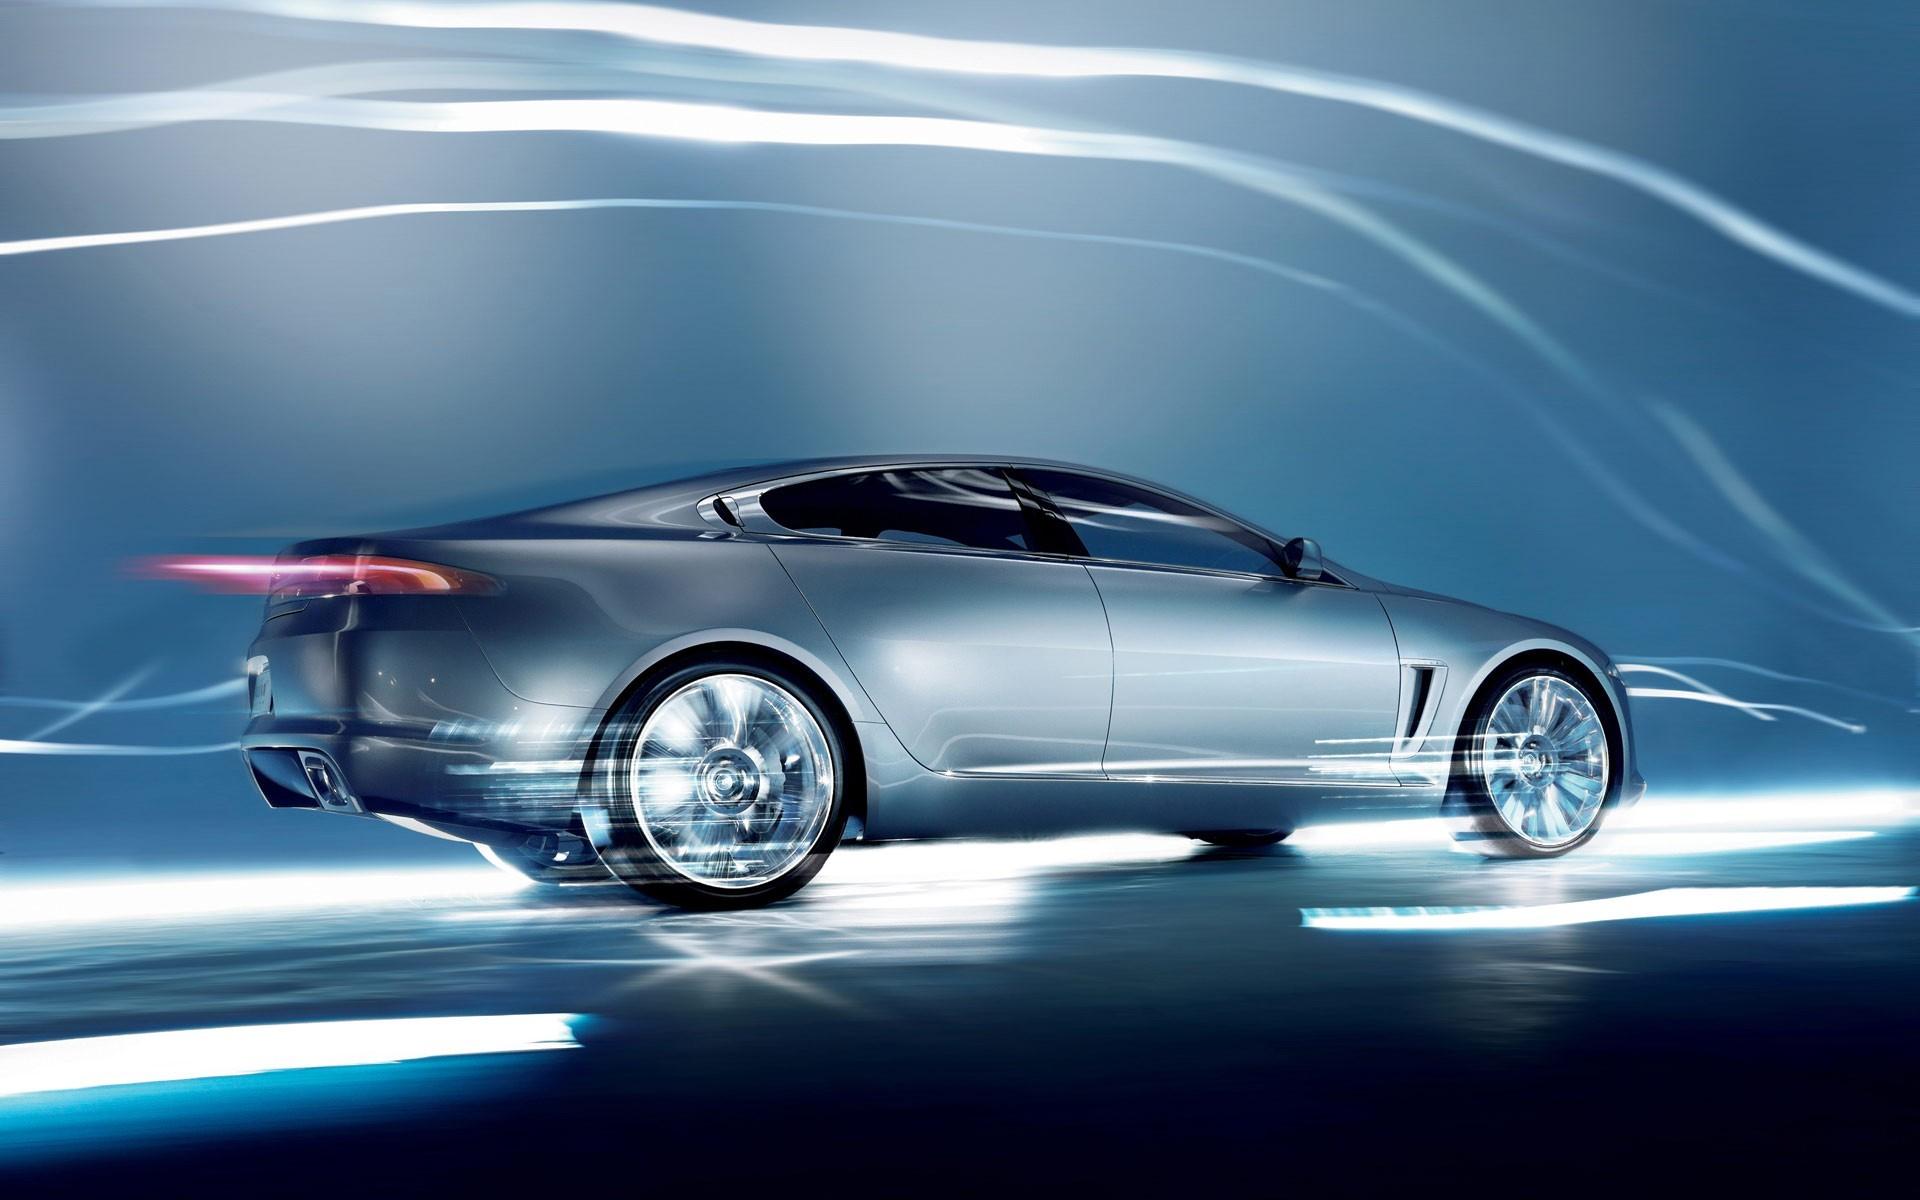 целом горизонтальные картинки автомобилей символизирует